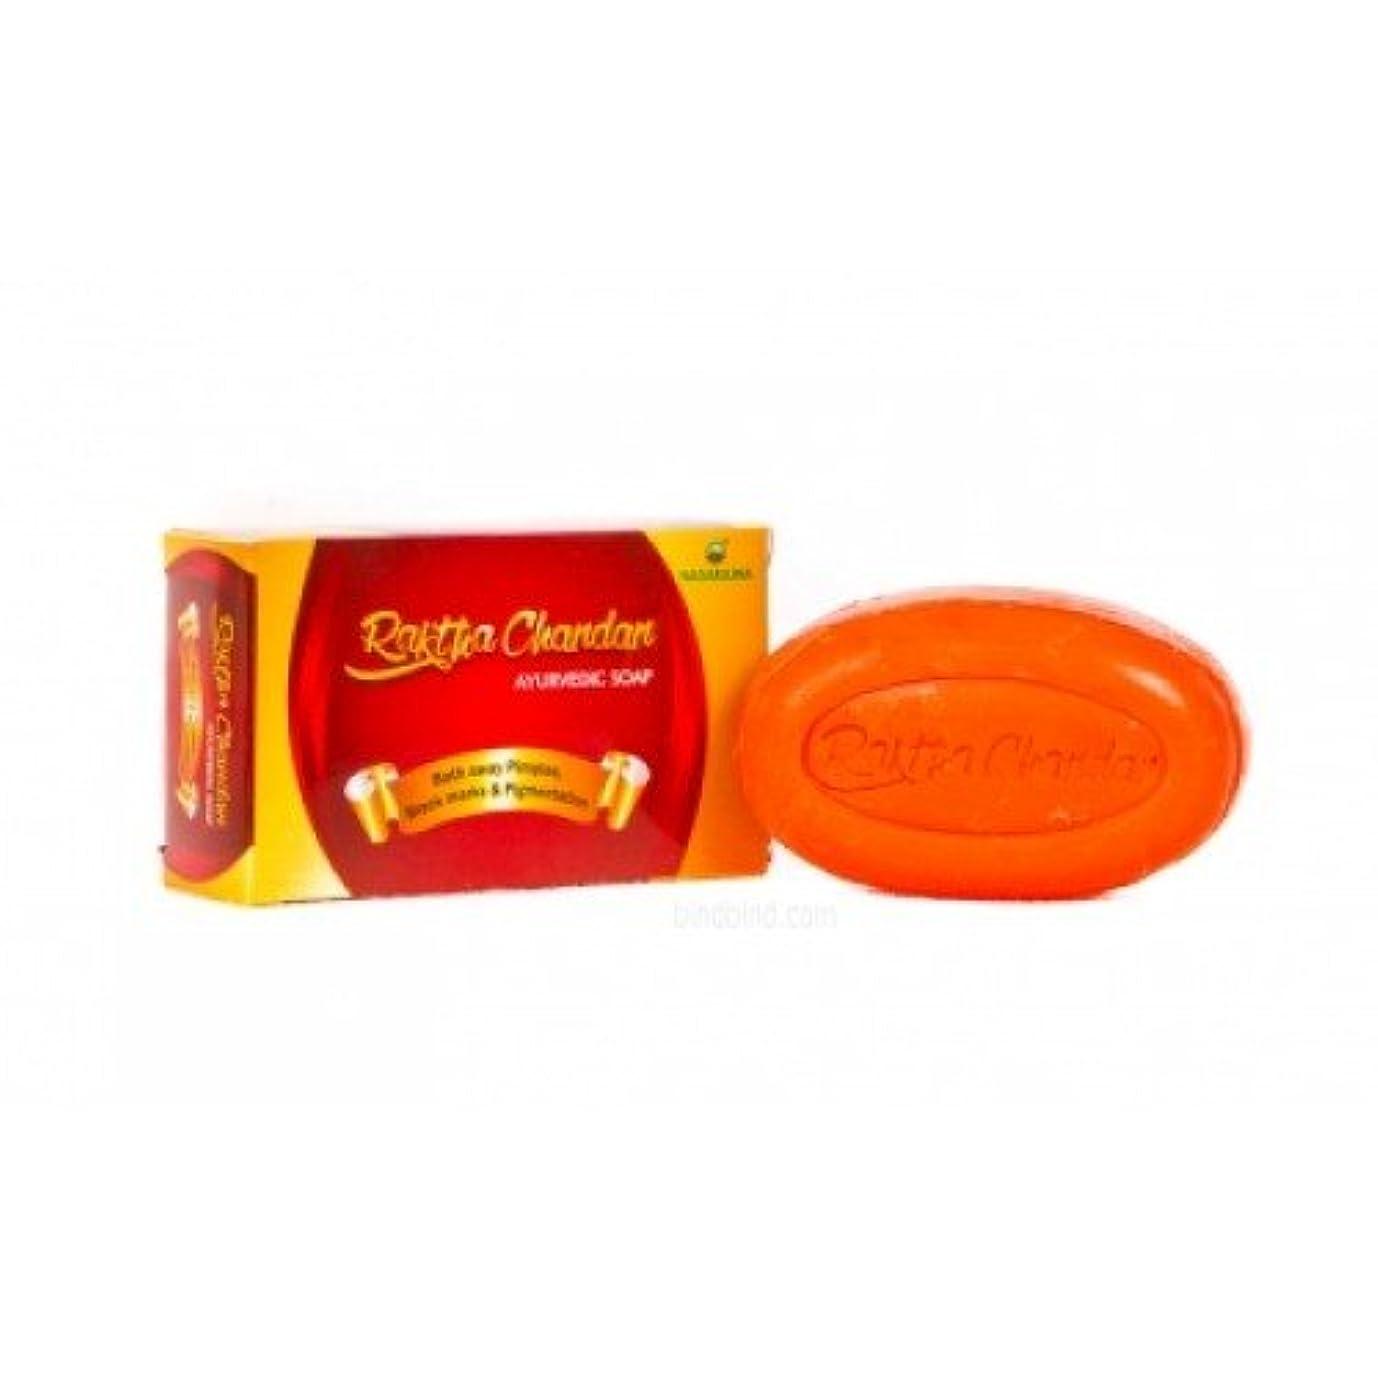 ブラウスガイドラインヒューマニスティックNagarjuna Raktha Chandan Ayurvedic Soap Best For Glowing Skin